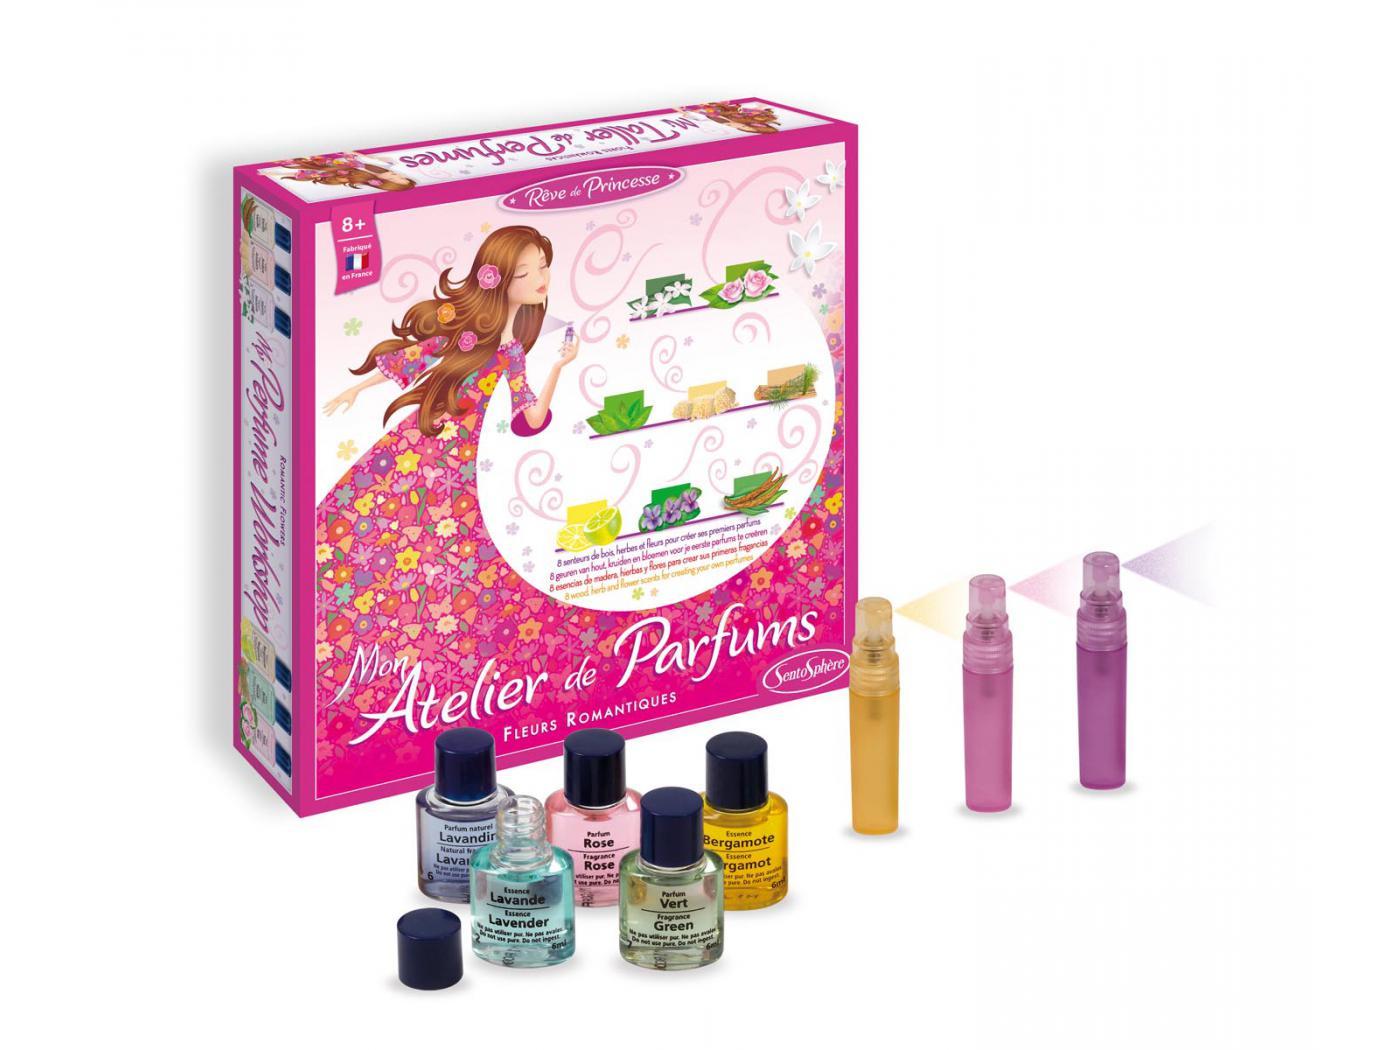 sentosph re mon atelier de parfums fleurs d 39 orient. Black Bedroom Furniture Sets. Home Design Ideas